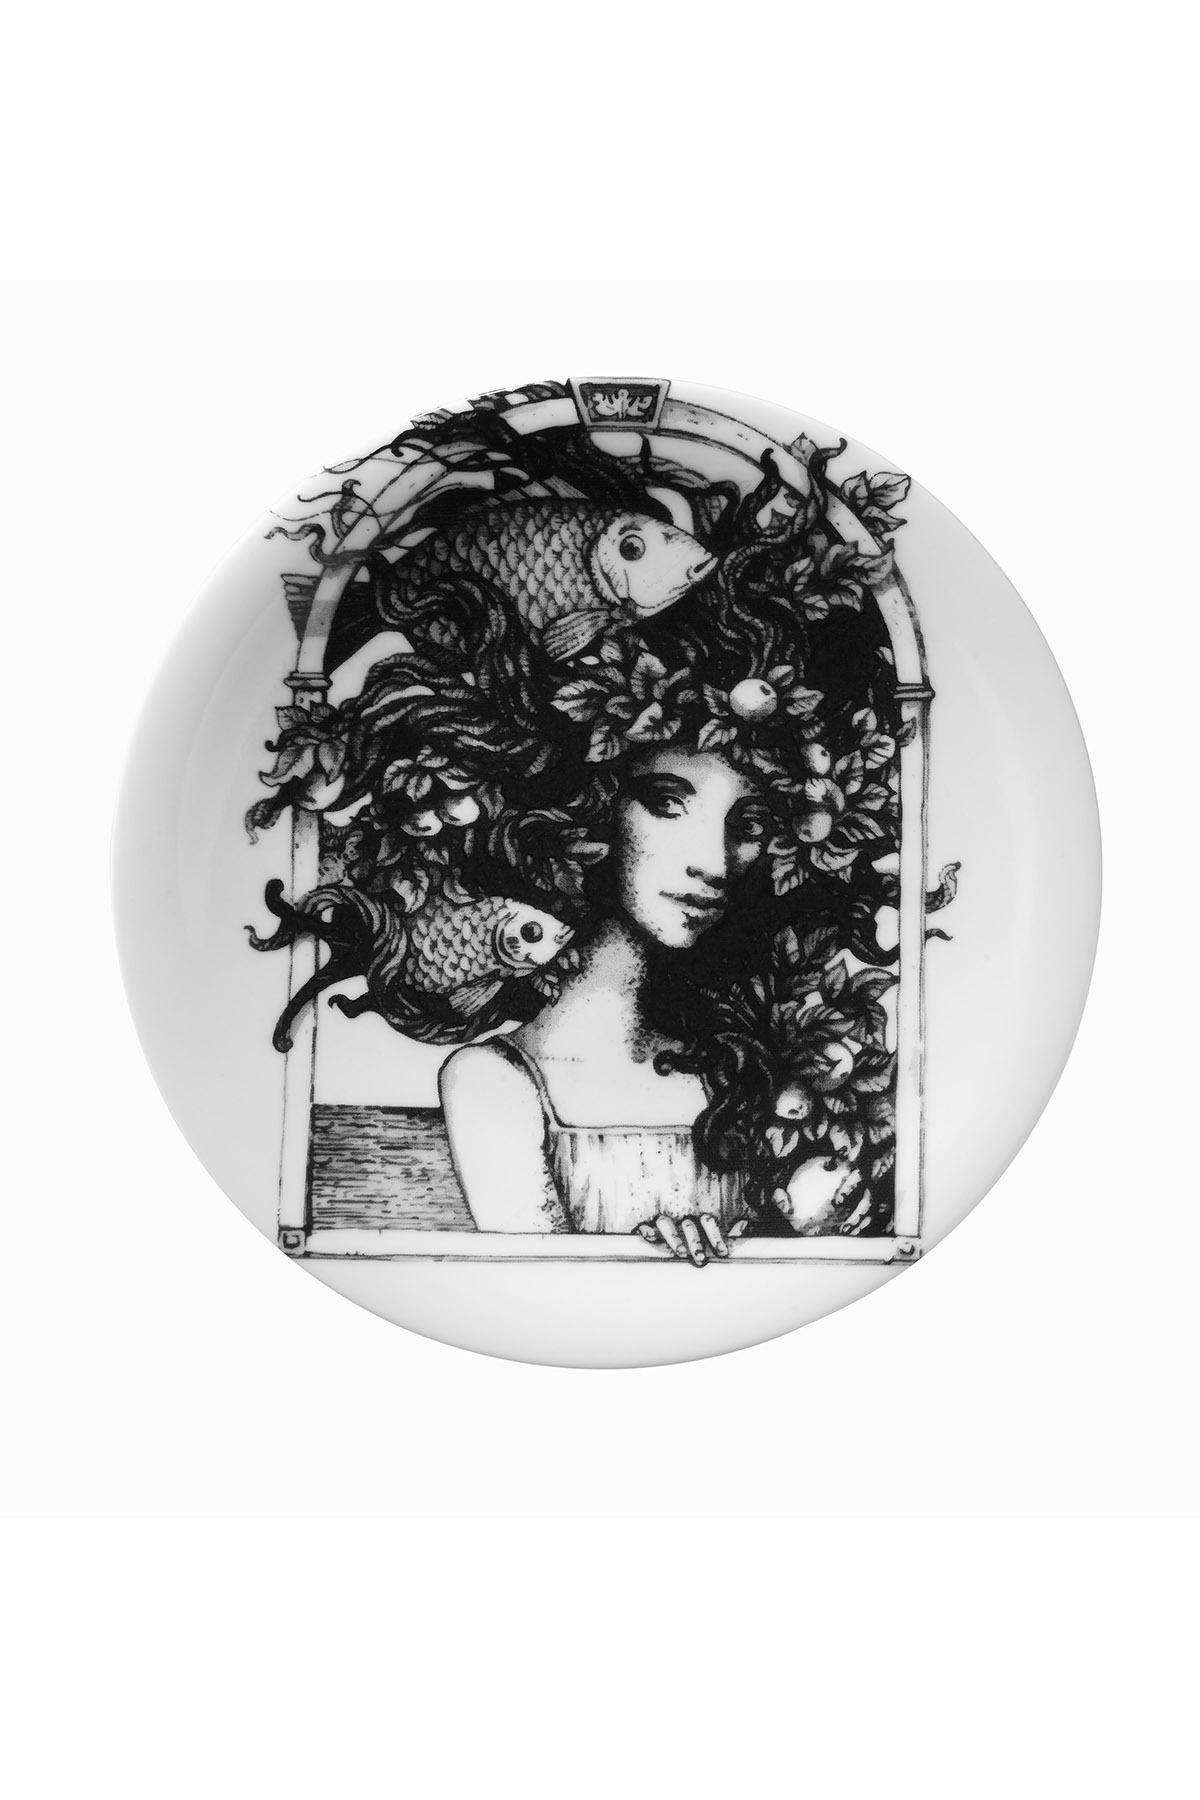 Kütahya Porselen Kadınlarım Serisi 21 cm Pasta Tabağı 885177